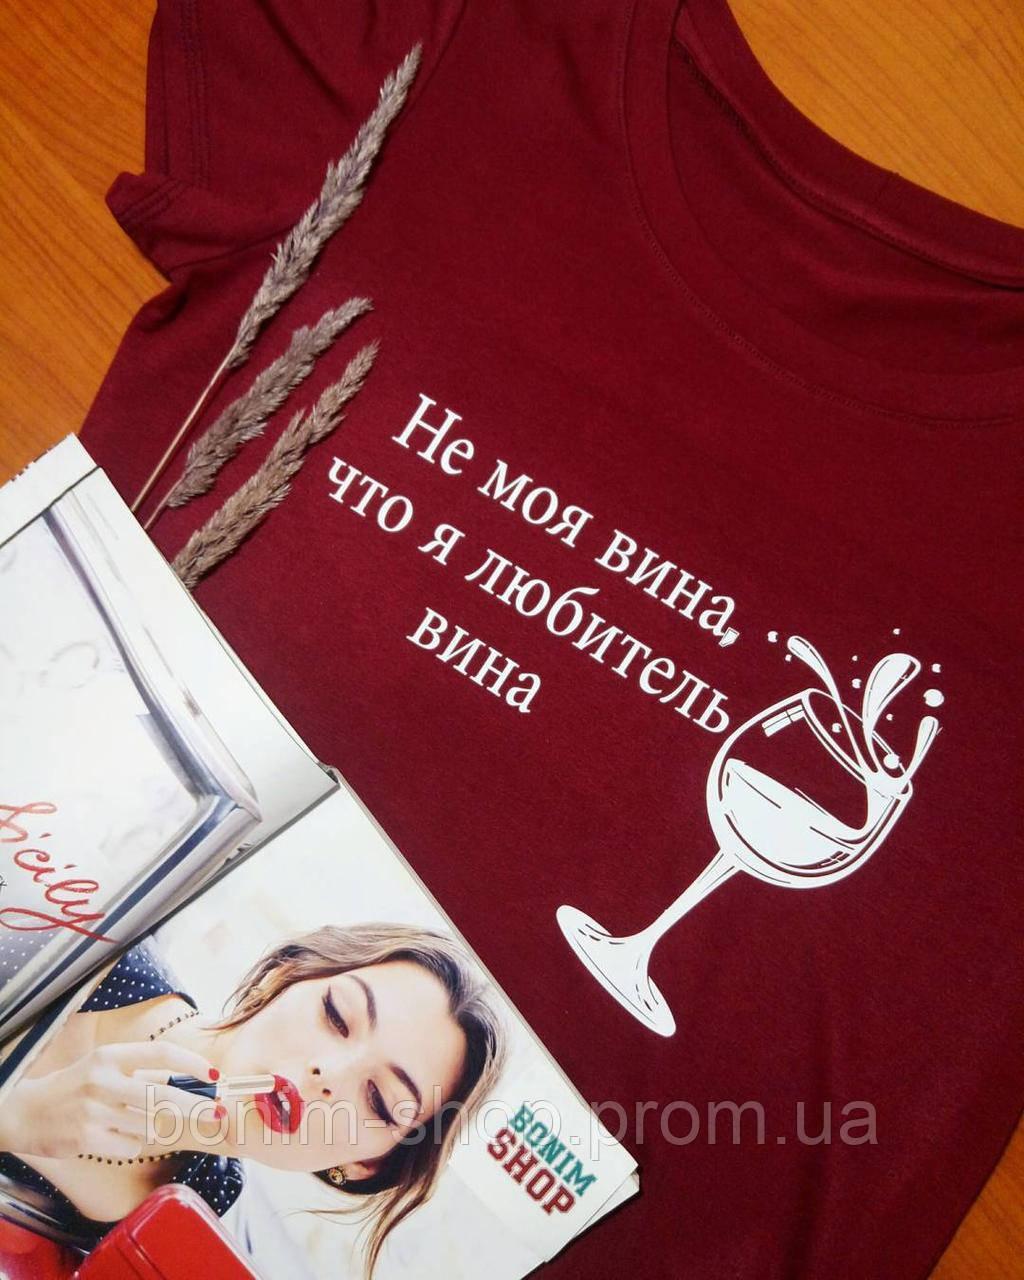 Бордовая женская футболка с принтом Не моя вина, что я любитель вина